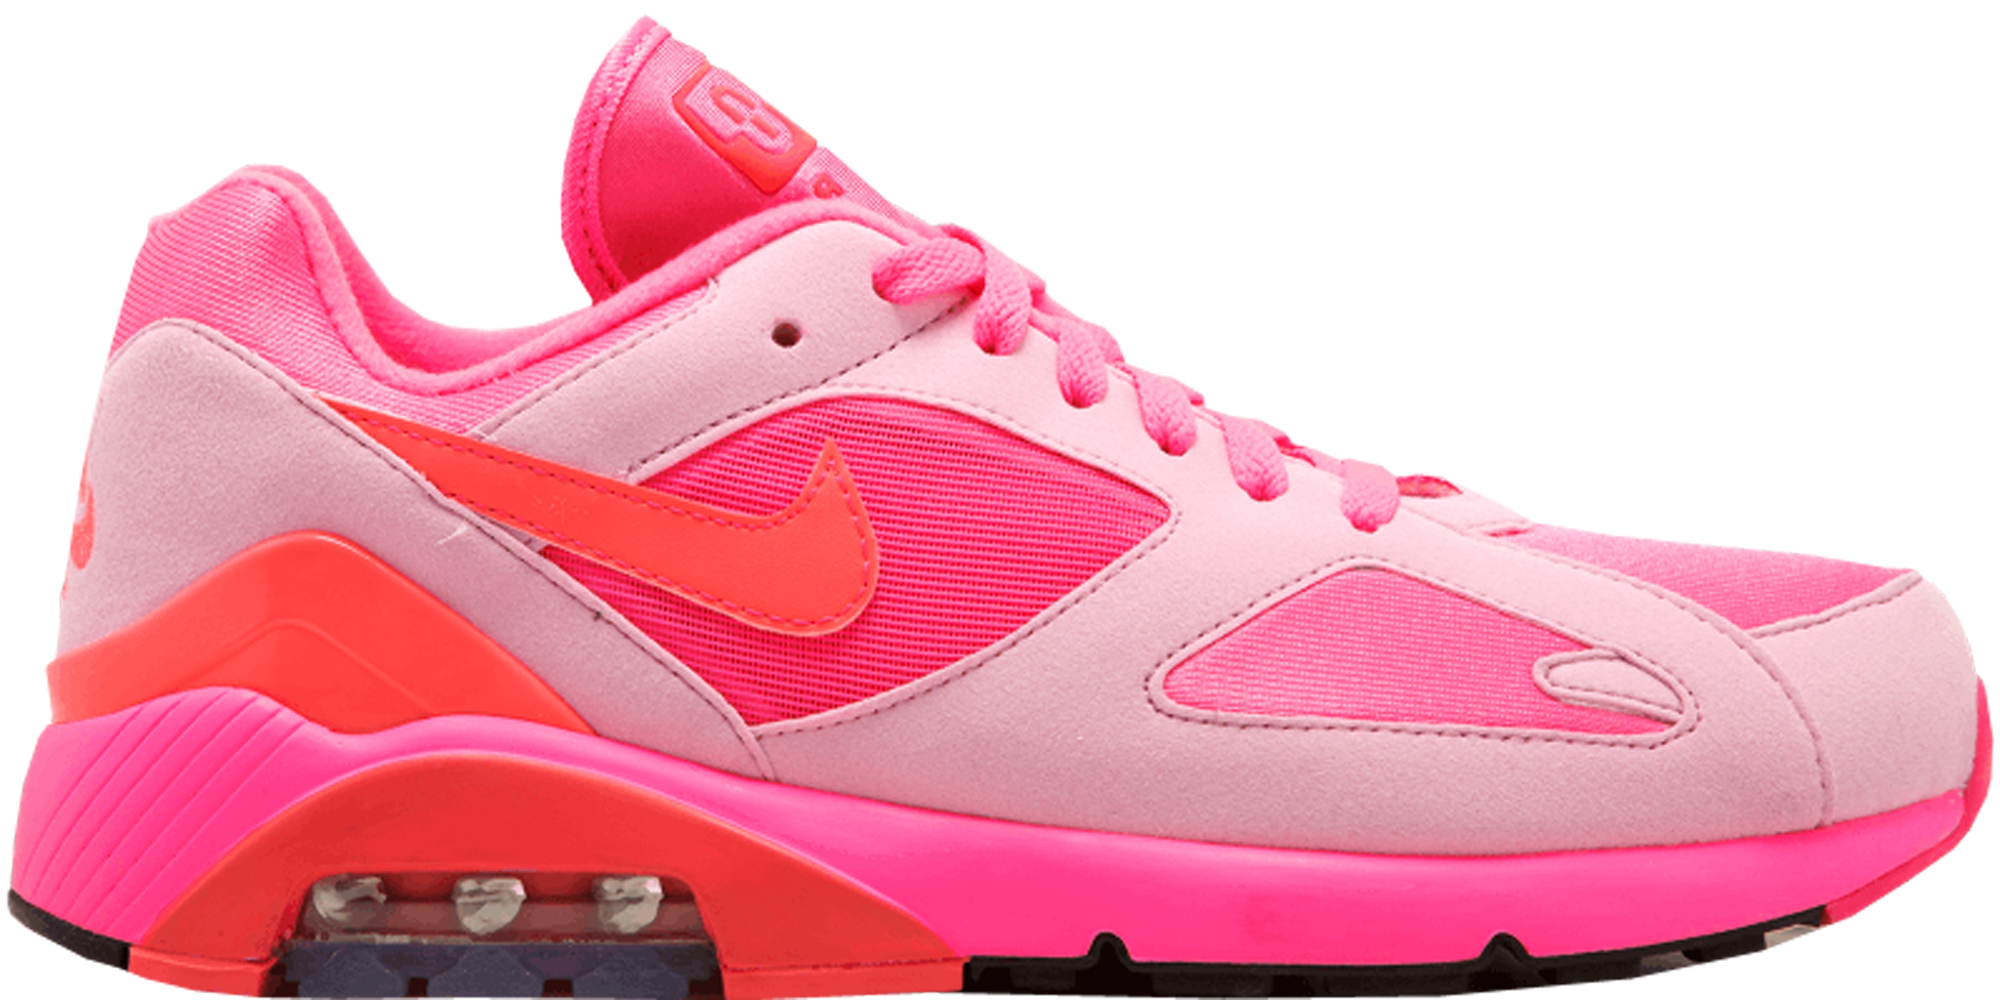 Air Max 180 Comme des Garcons Pink